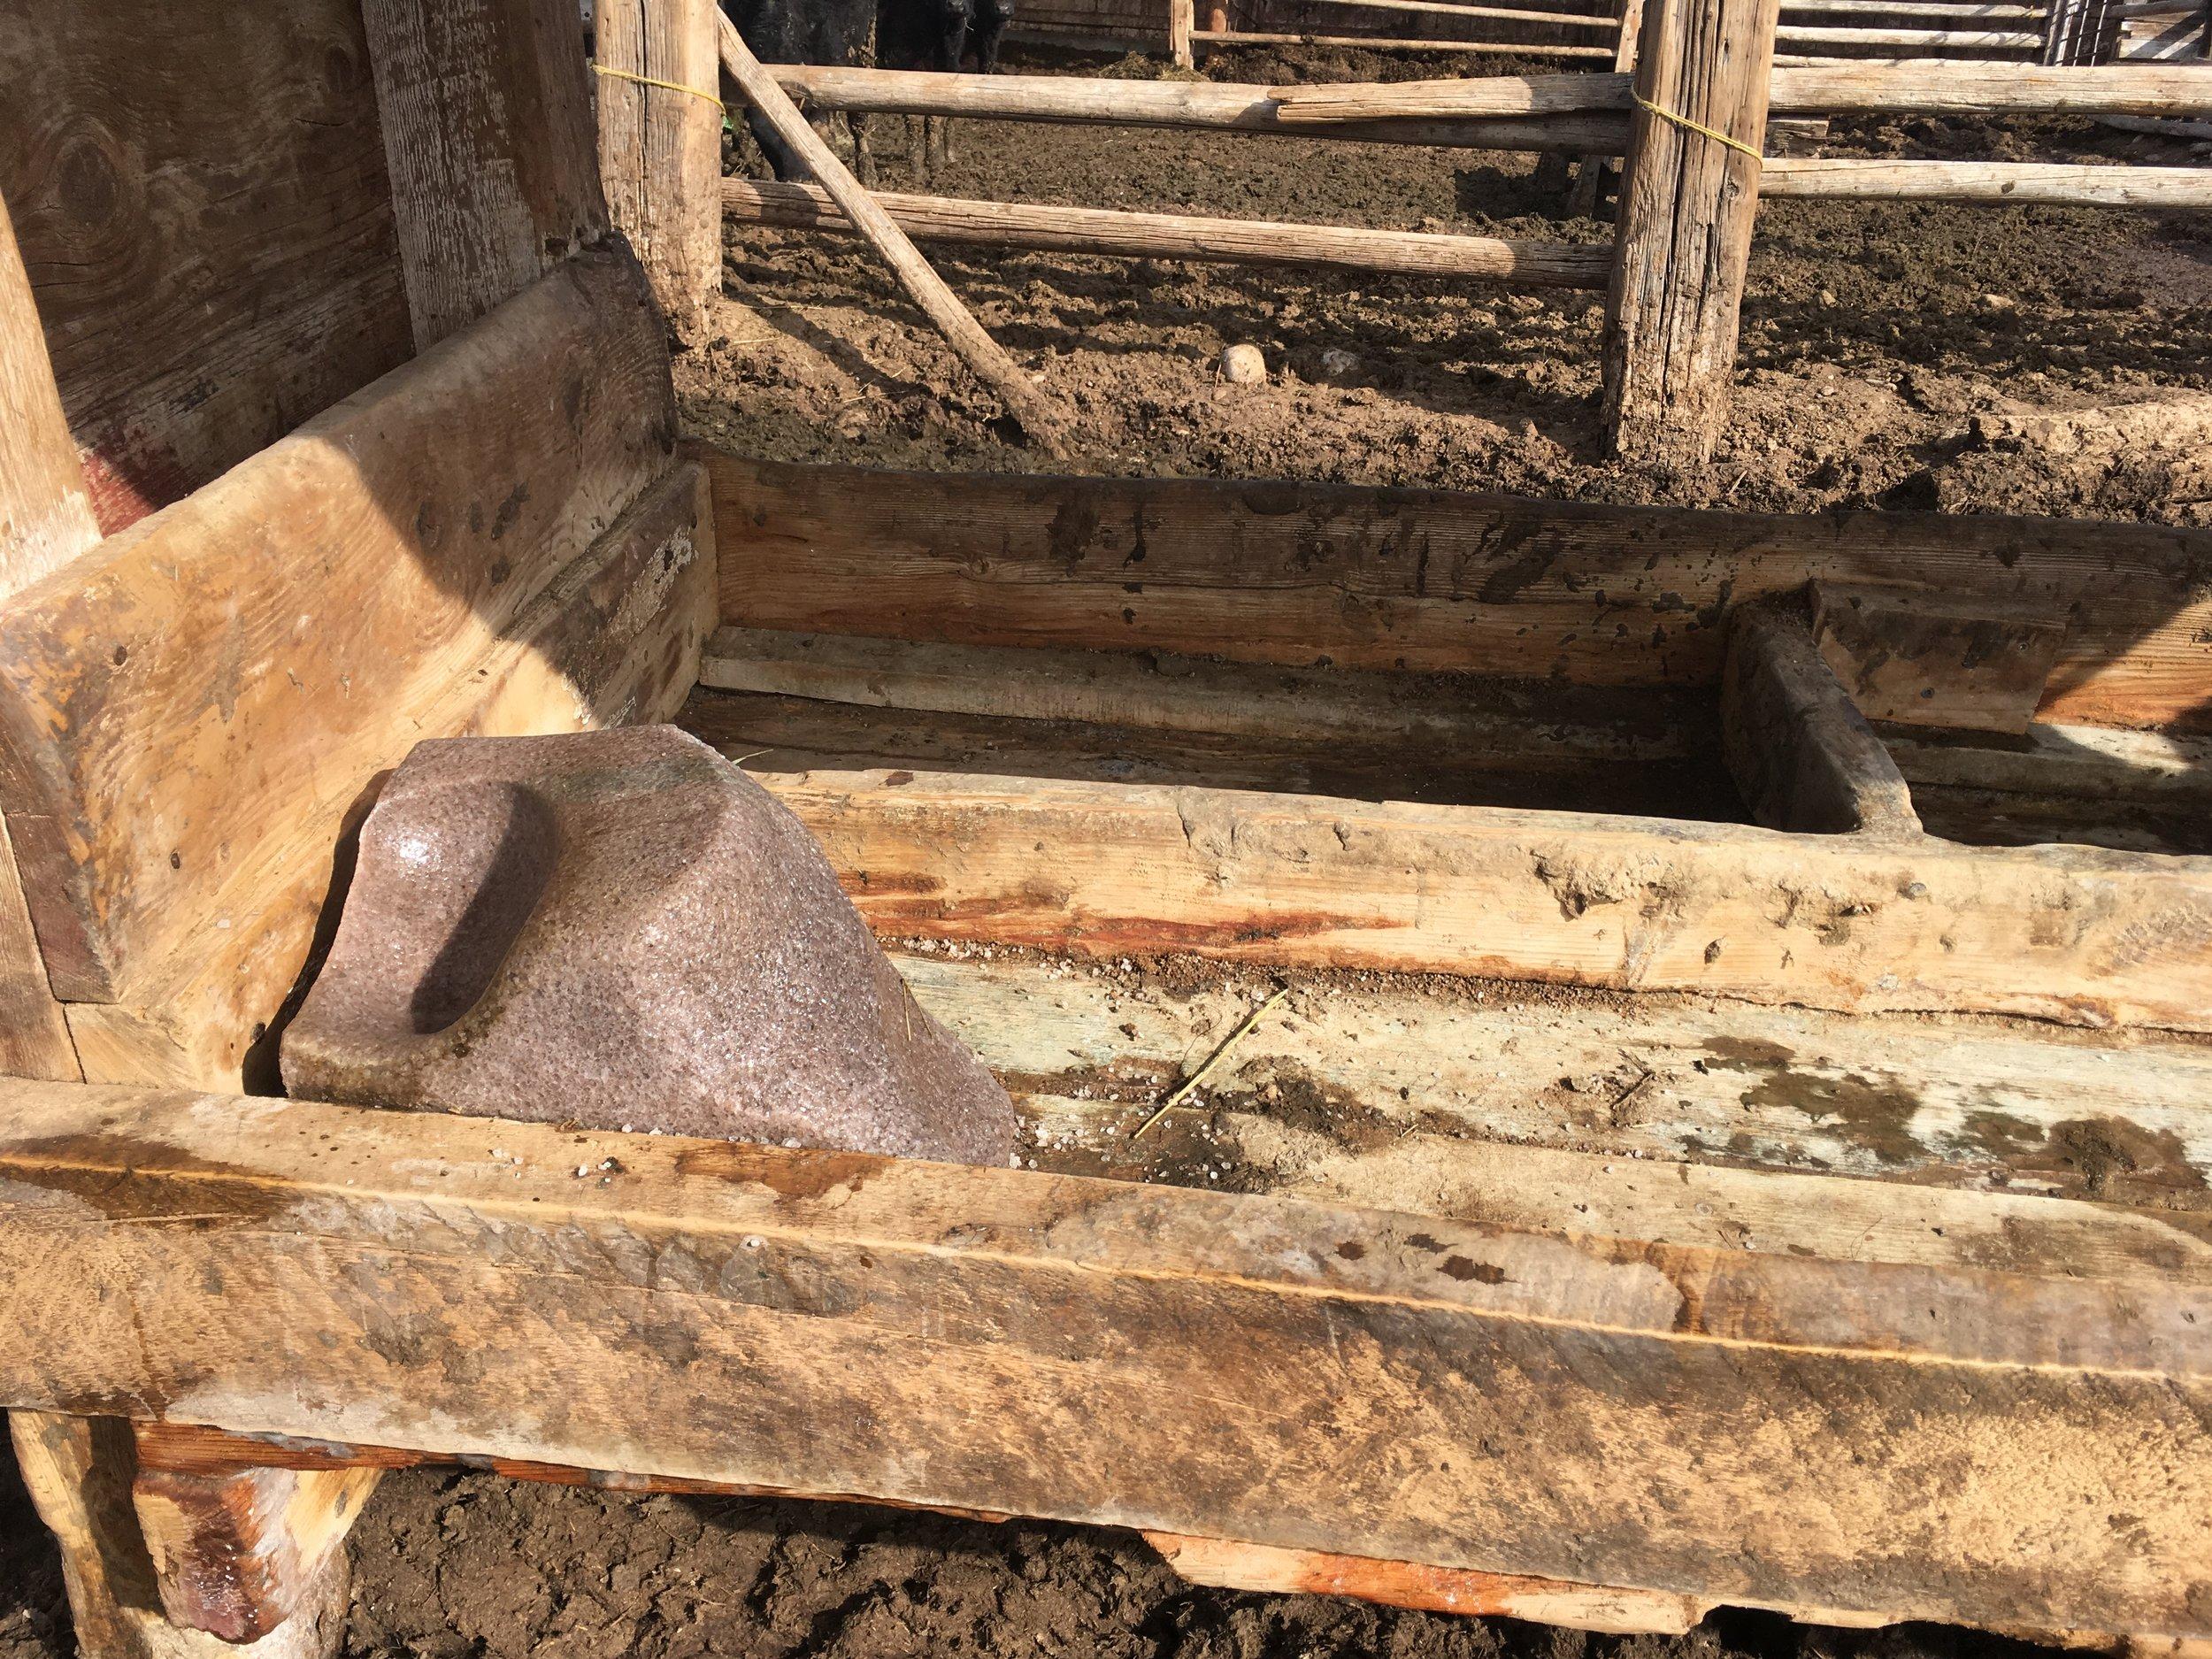 A partially eaten trace mineral salt block in a salt feeder. 4/1/18